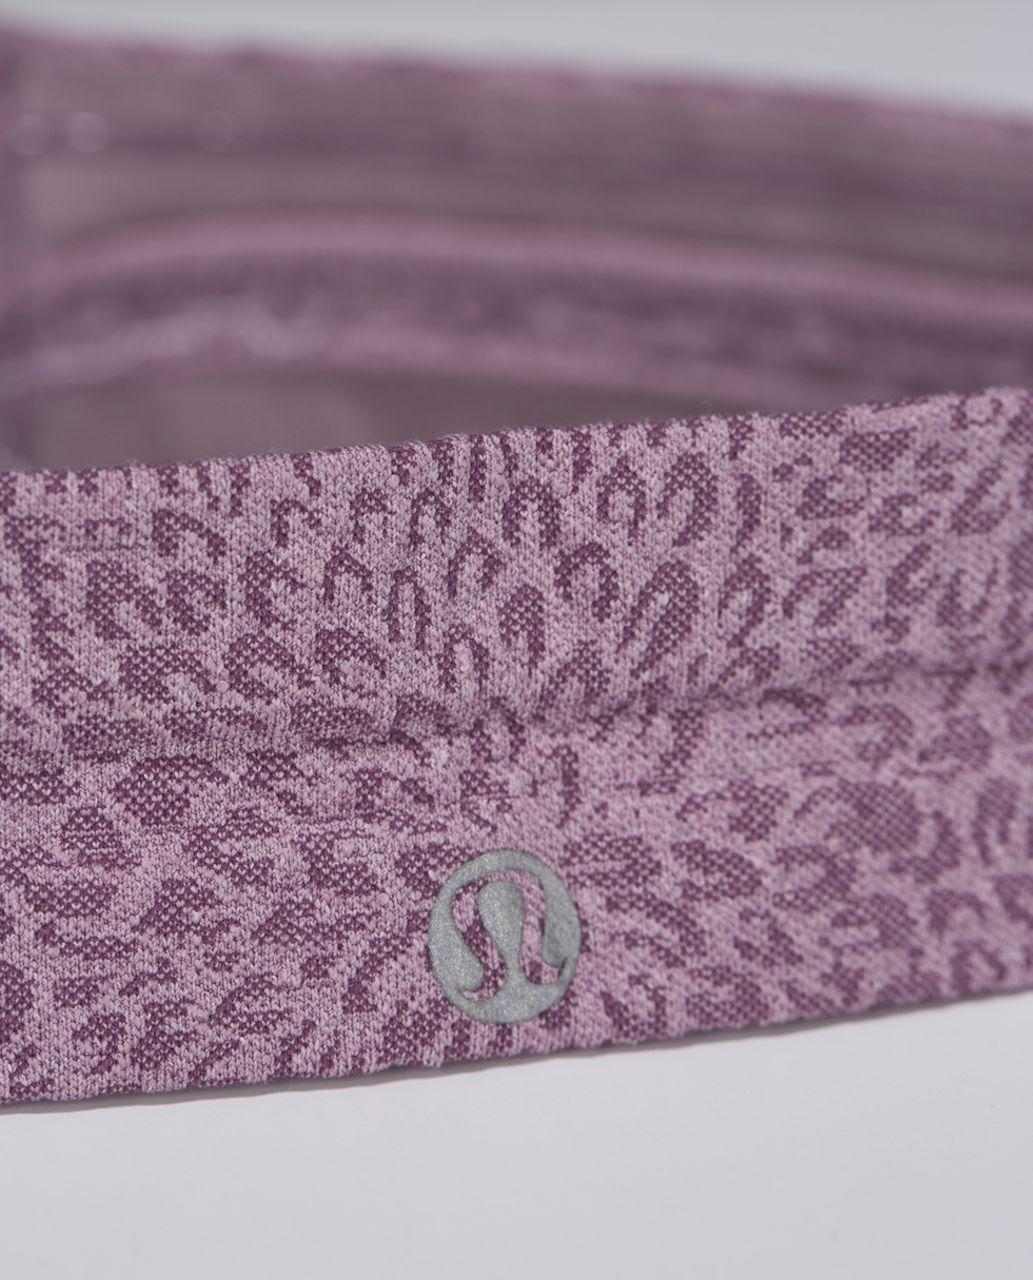 Lululemon Swiftly Headband - Heathered Purple Fog